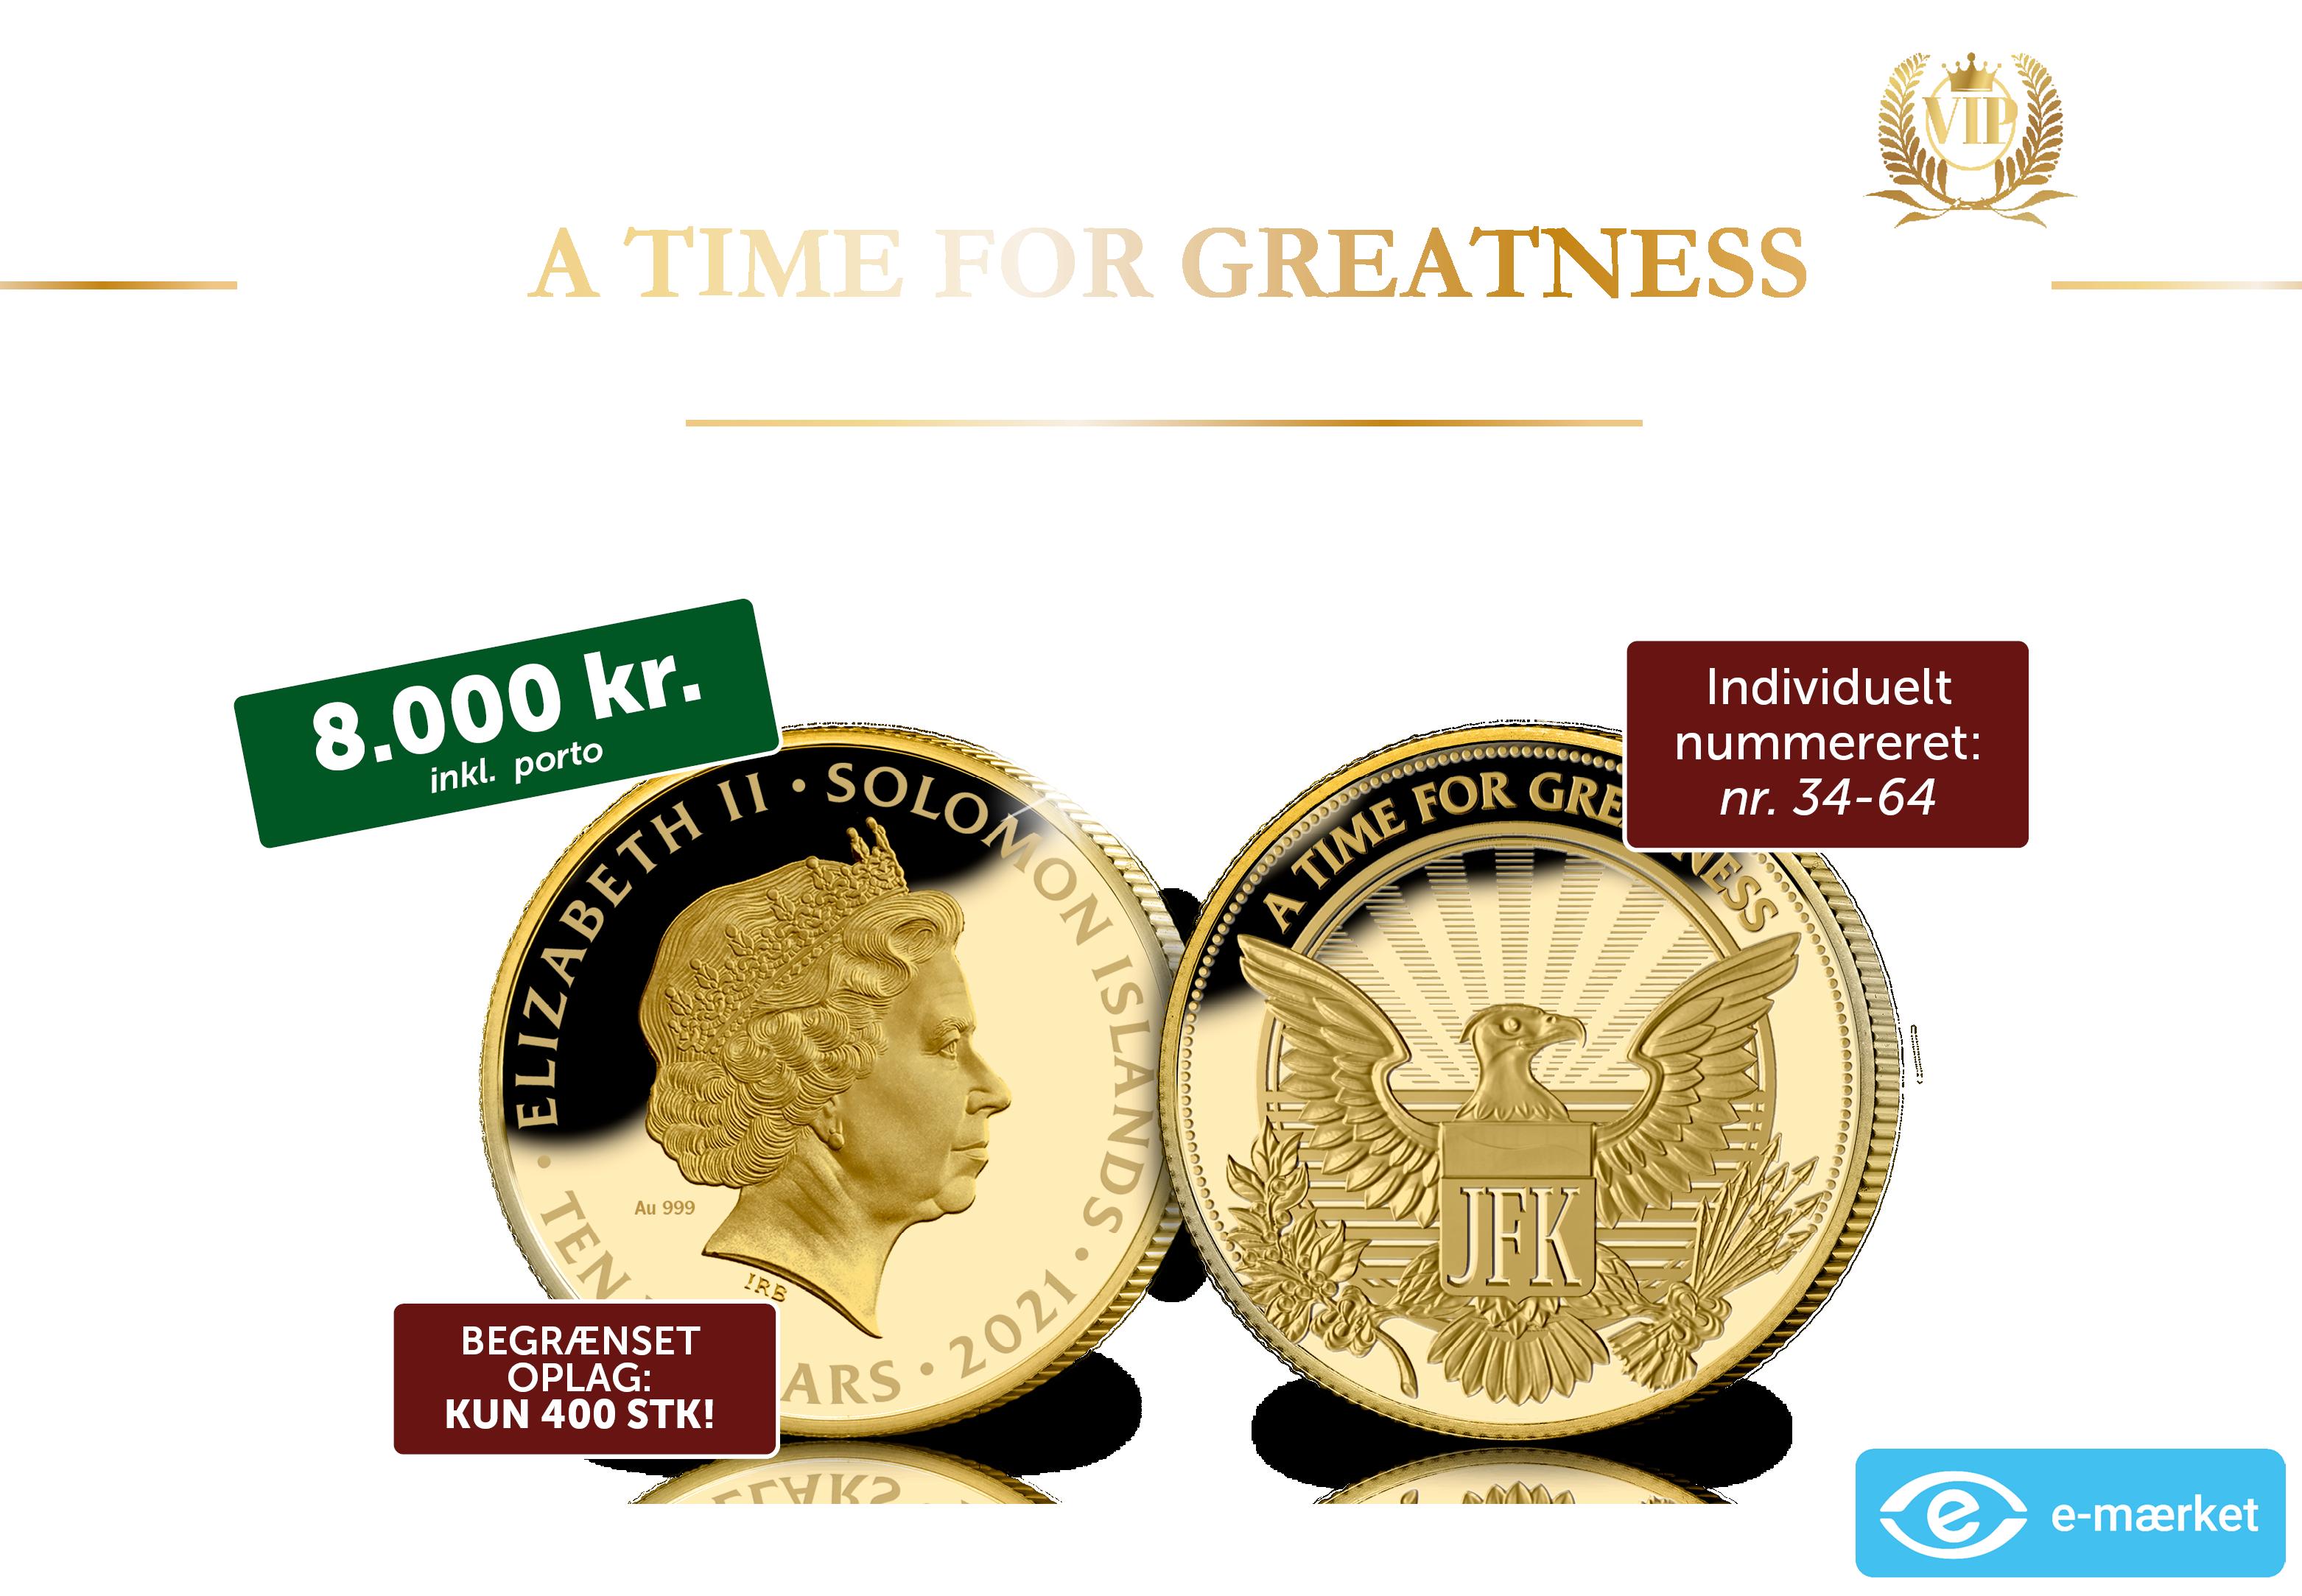 John F. Kennedy – Manden bag monogrammet 1/4 oz guldmønt